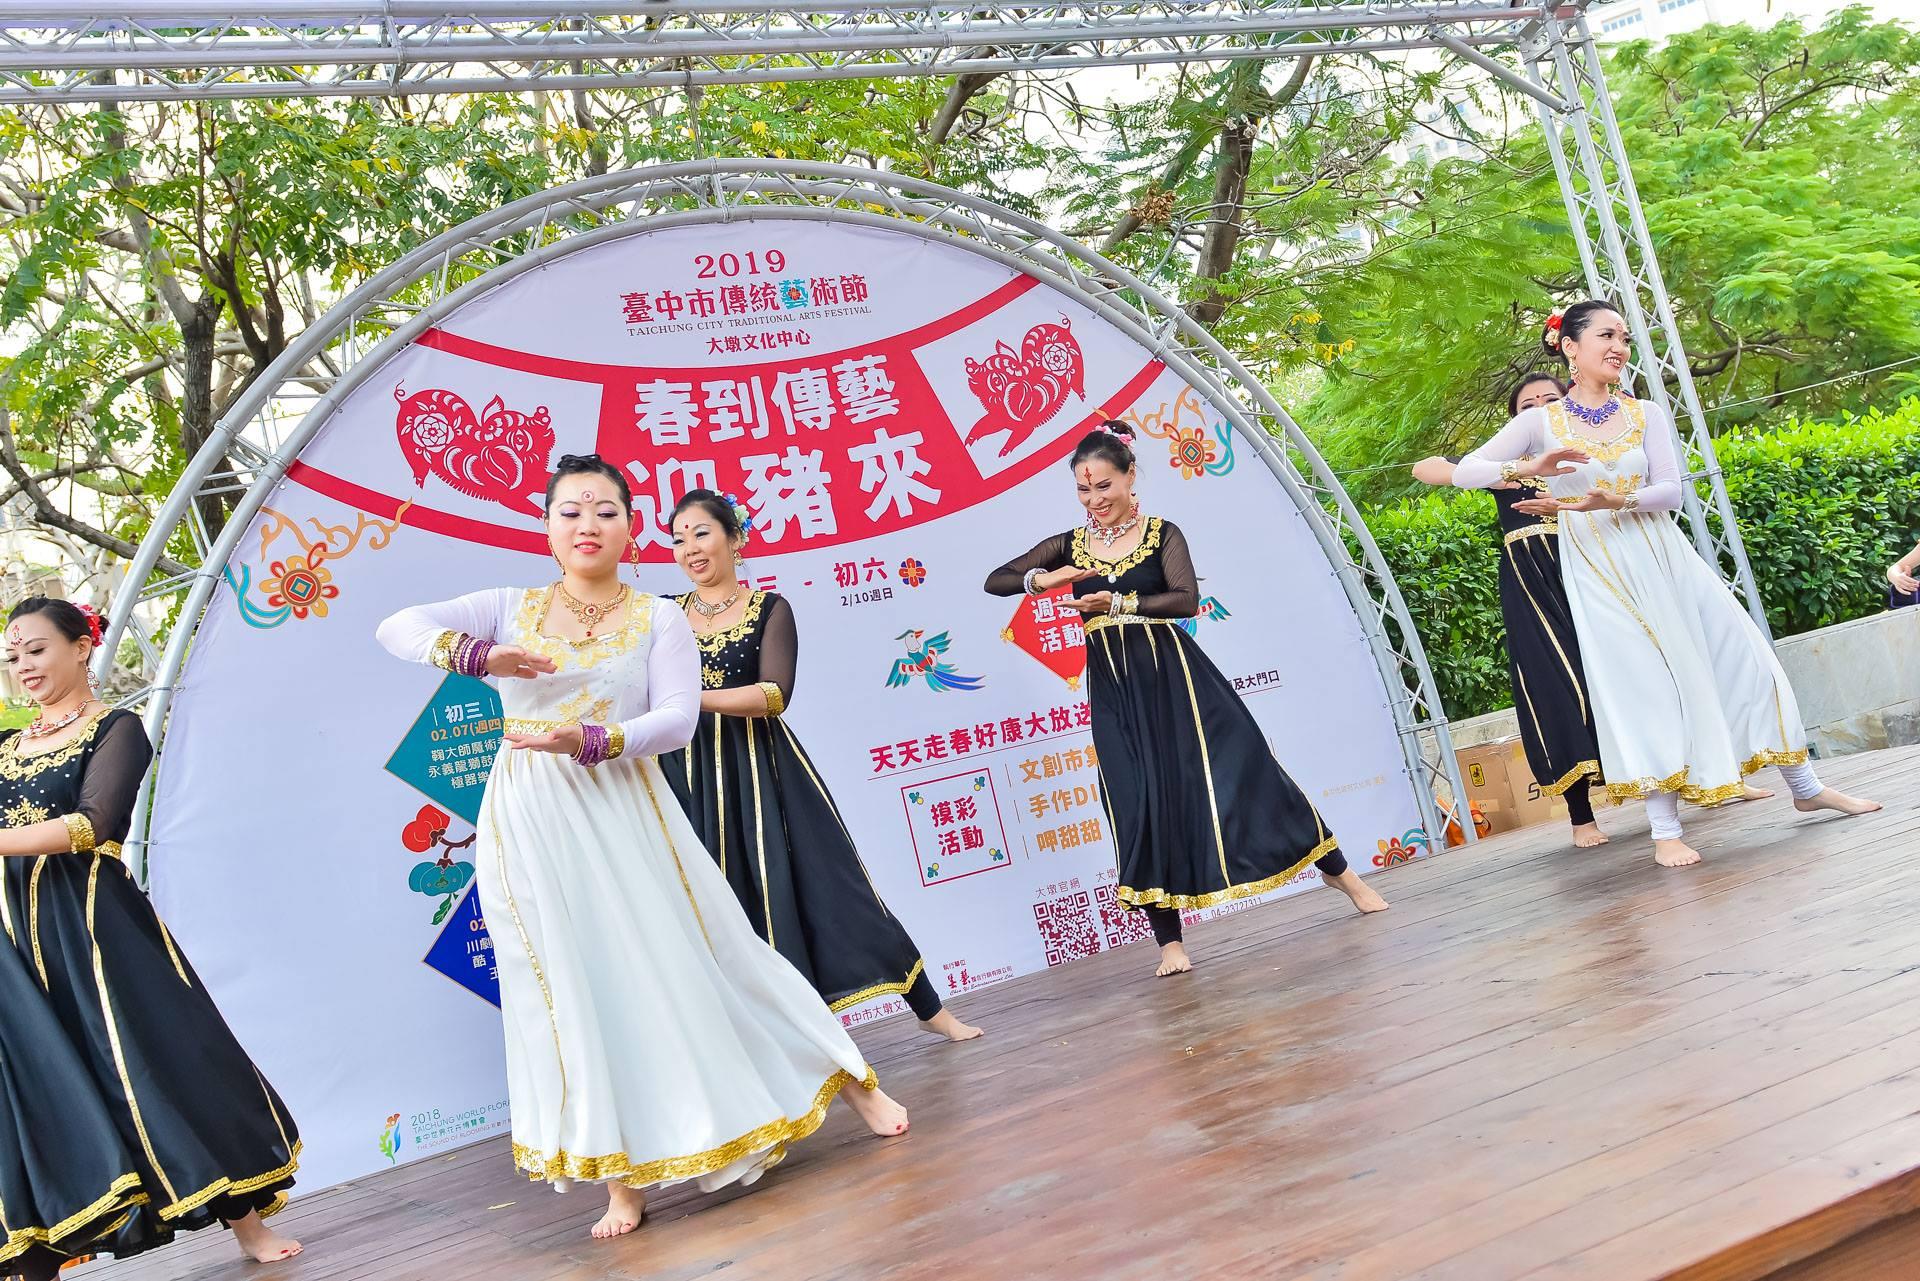 星月寶萊舞團的表演,帶來濃厚的印度風味。